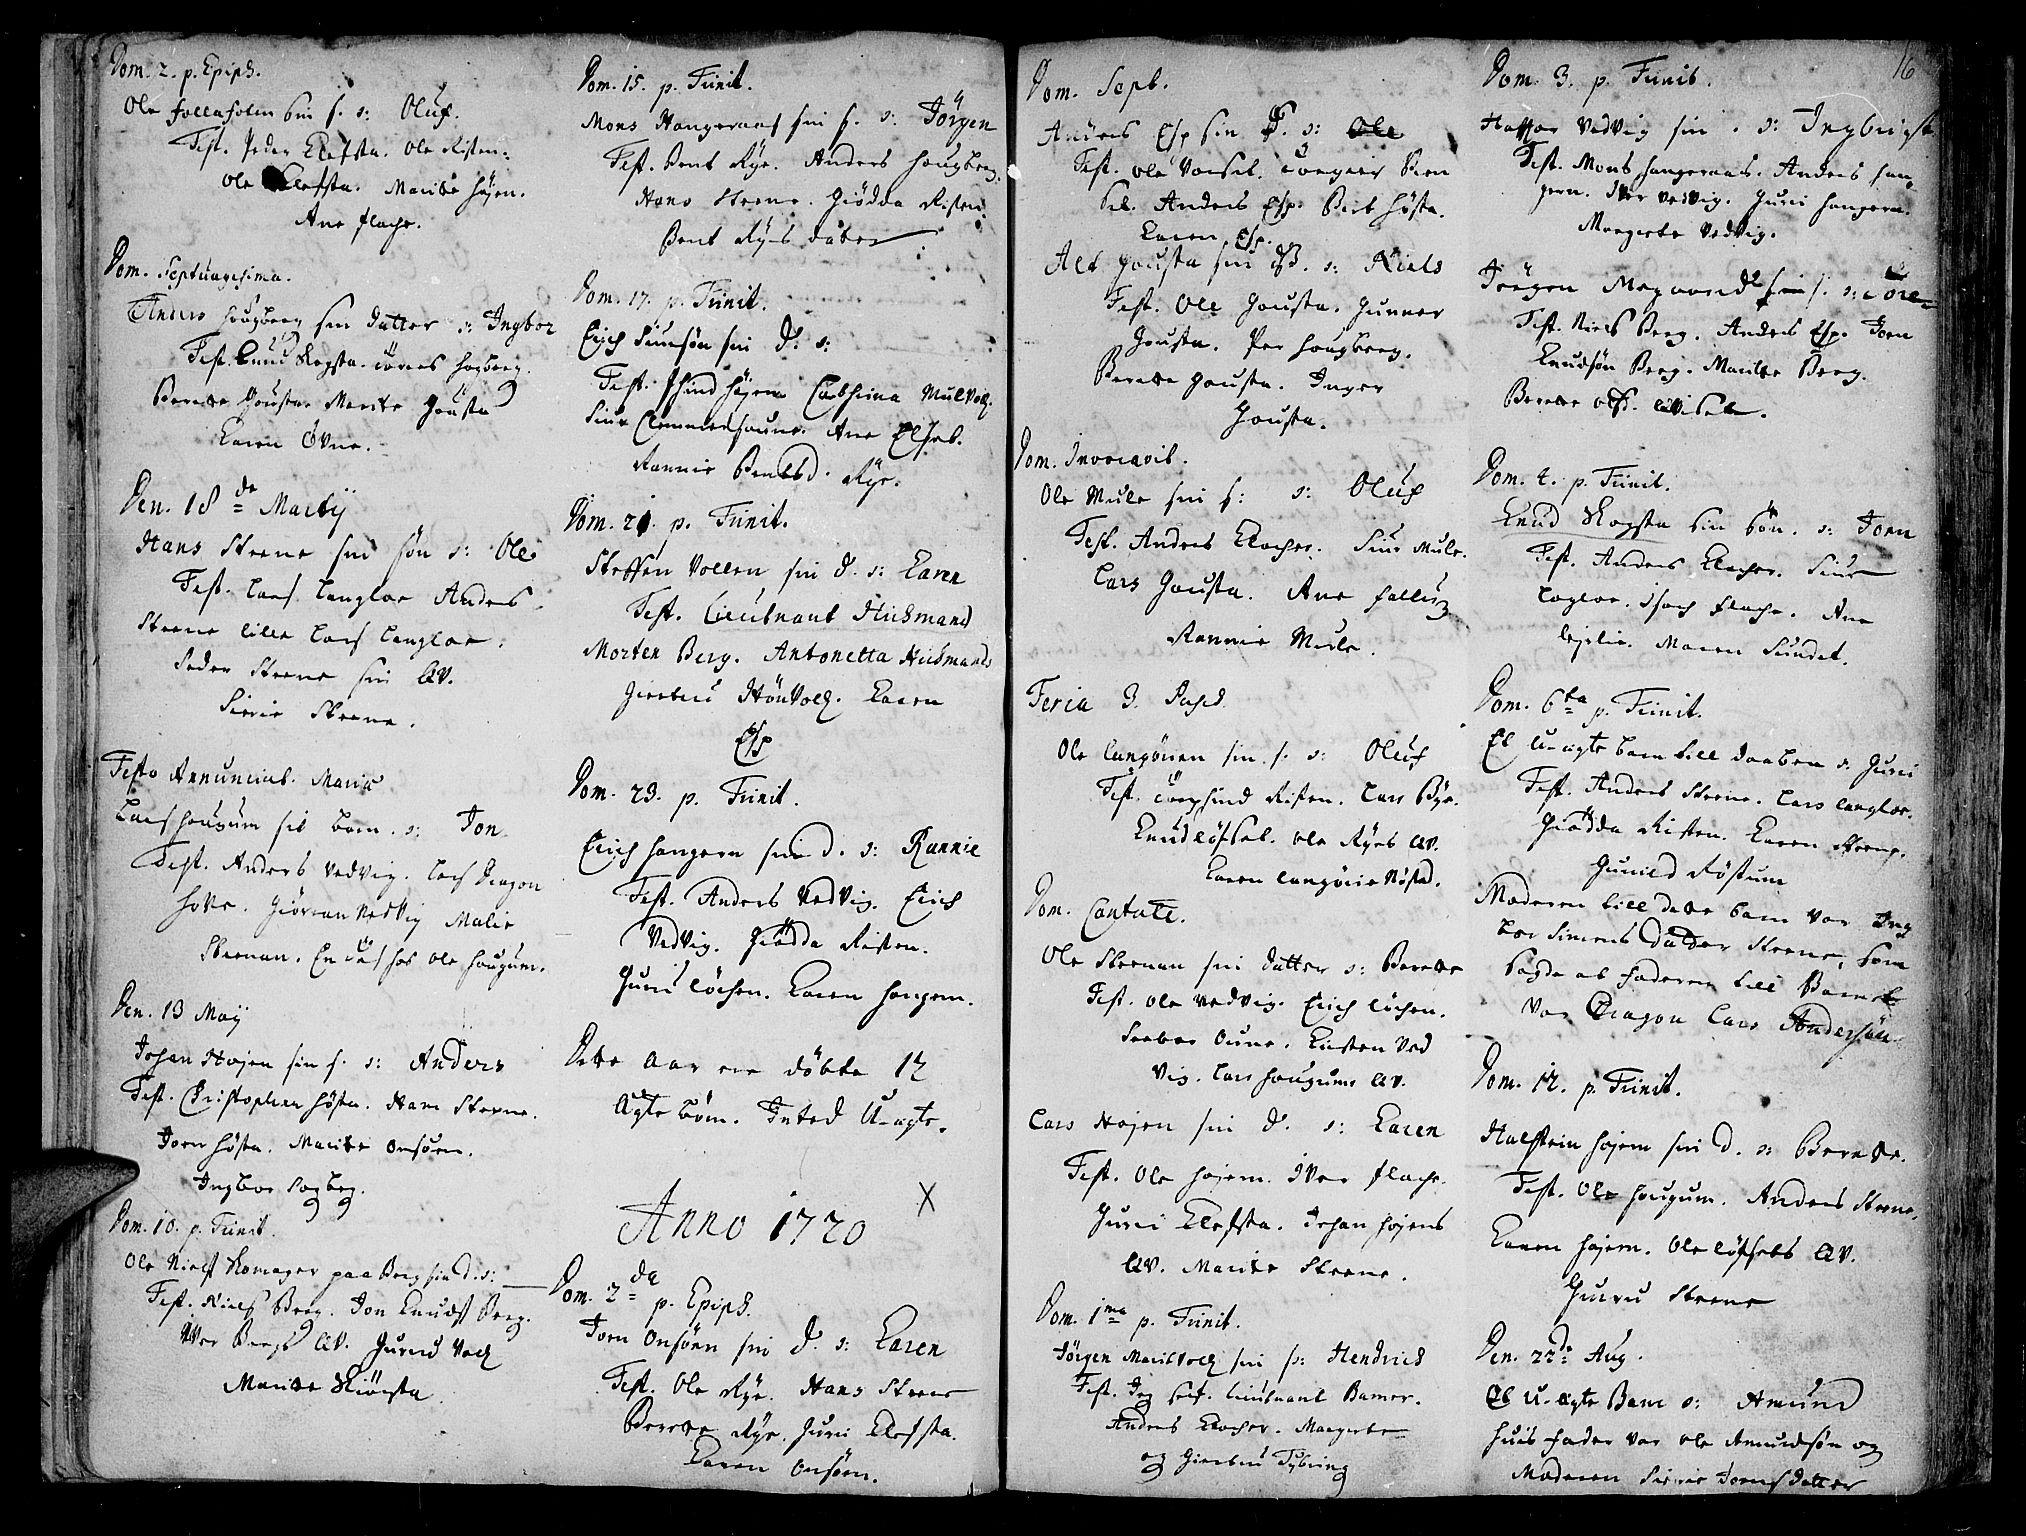 SAT, Ministerialprotokoller, klokkerbøker og fødselsregistre - Sør-Trøndelag, 612/L0368: Ministerialbok nr. 612A02, 1702-1753, s. 16